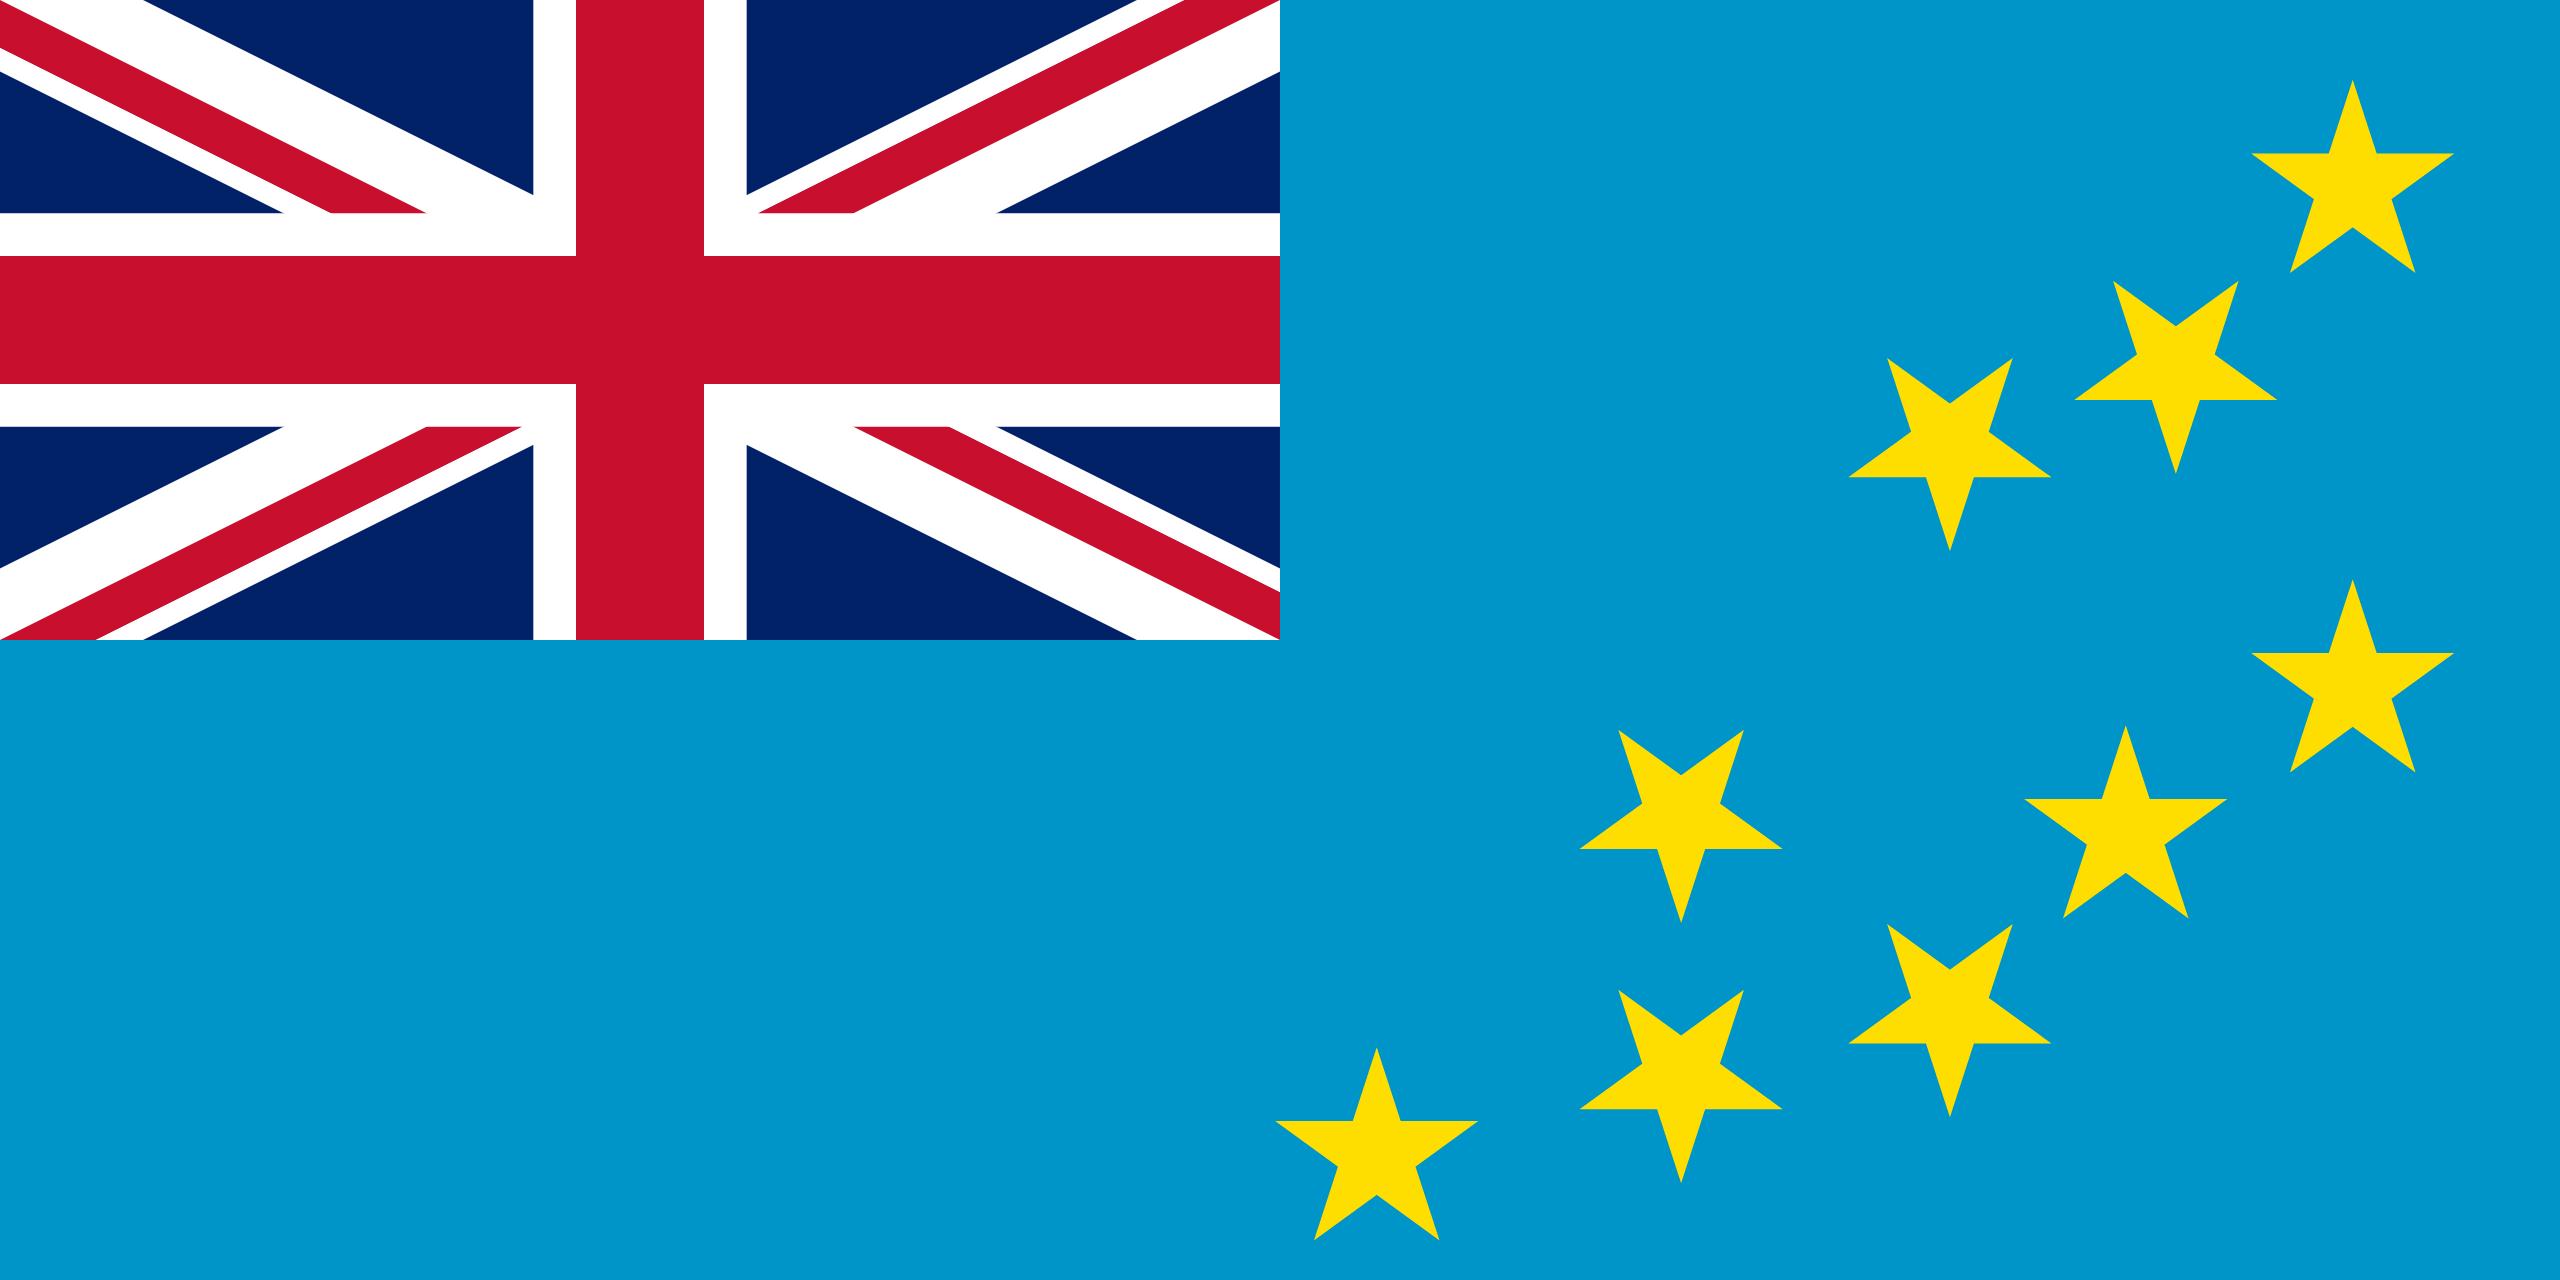 Tuvalu'nun Başkenti ve Para Birimi Nedir? Tuvalu'nun Bayrağı Nasıldır?